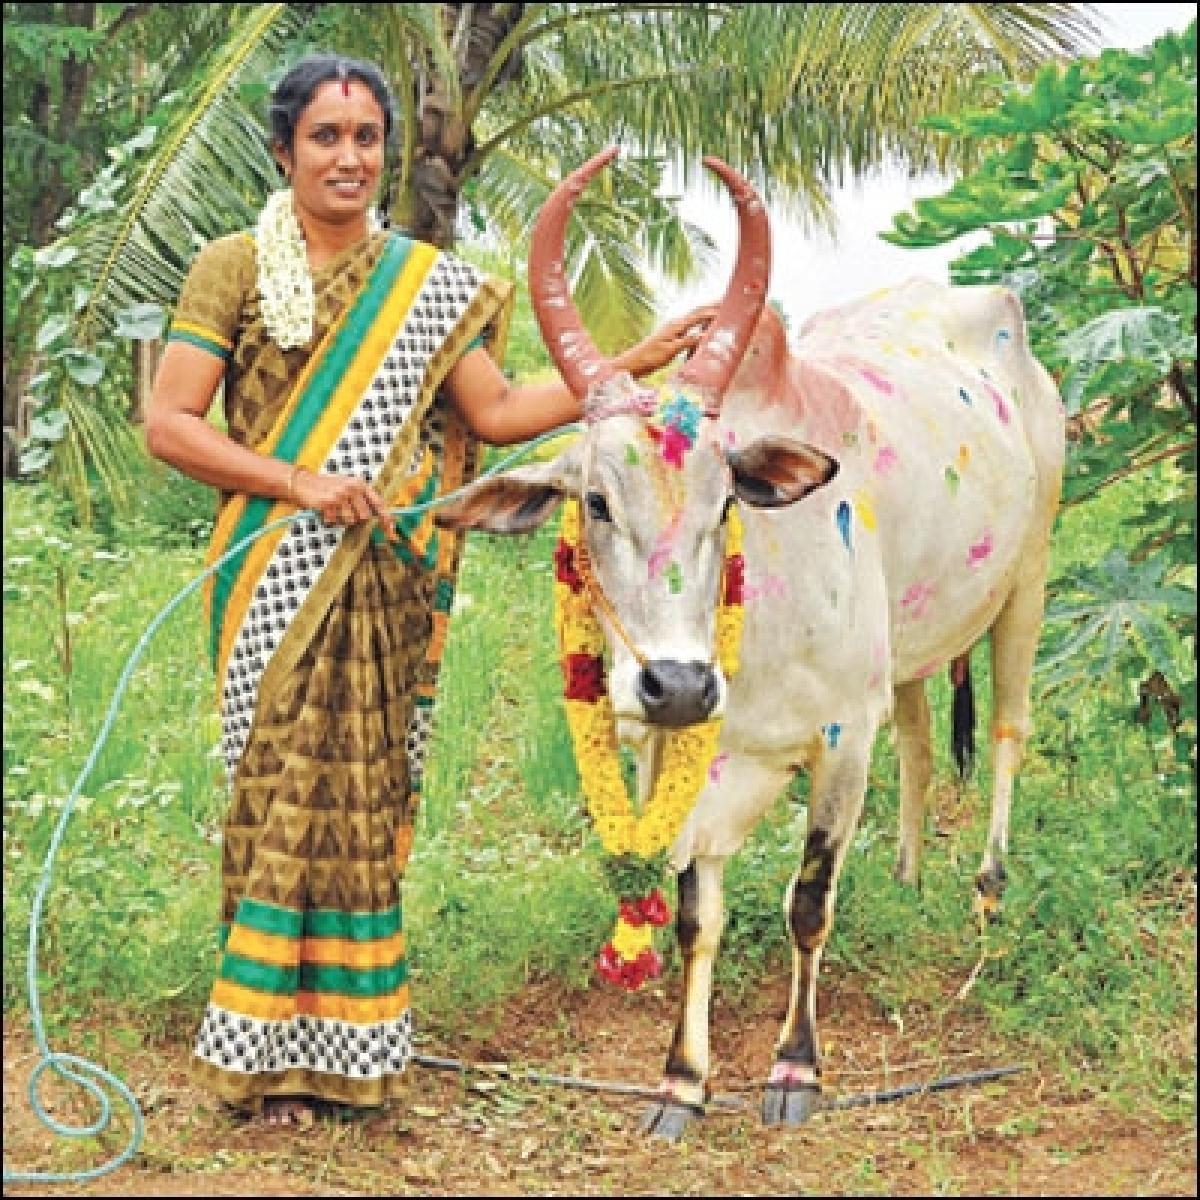 அவள் கிளாஸிக்ஸ்: ``இது பசு இல்ல... எங்களை வாழவைக்கும் மூத்த குடி!''